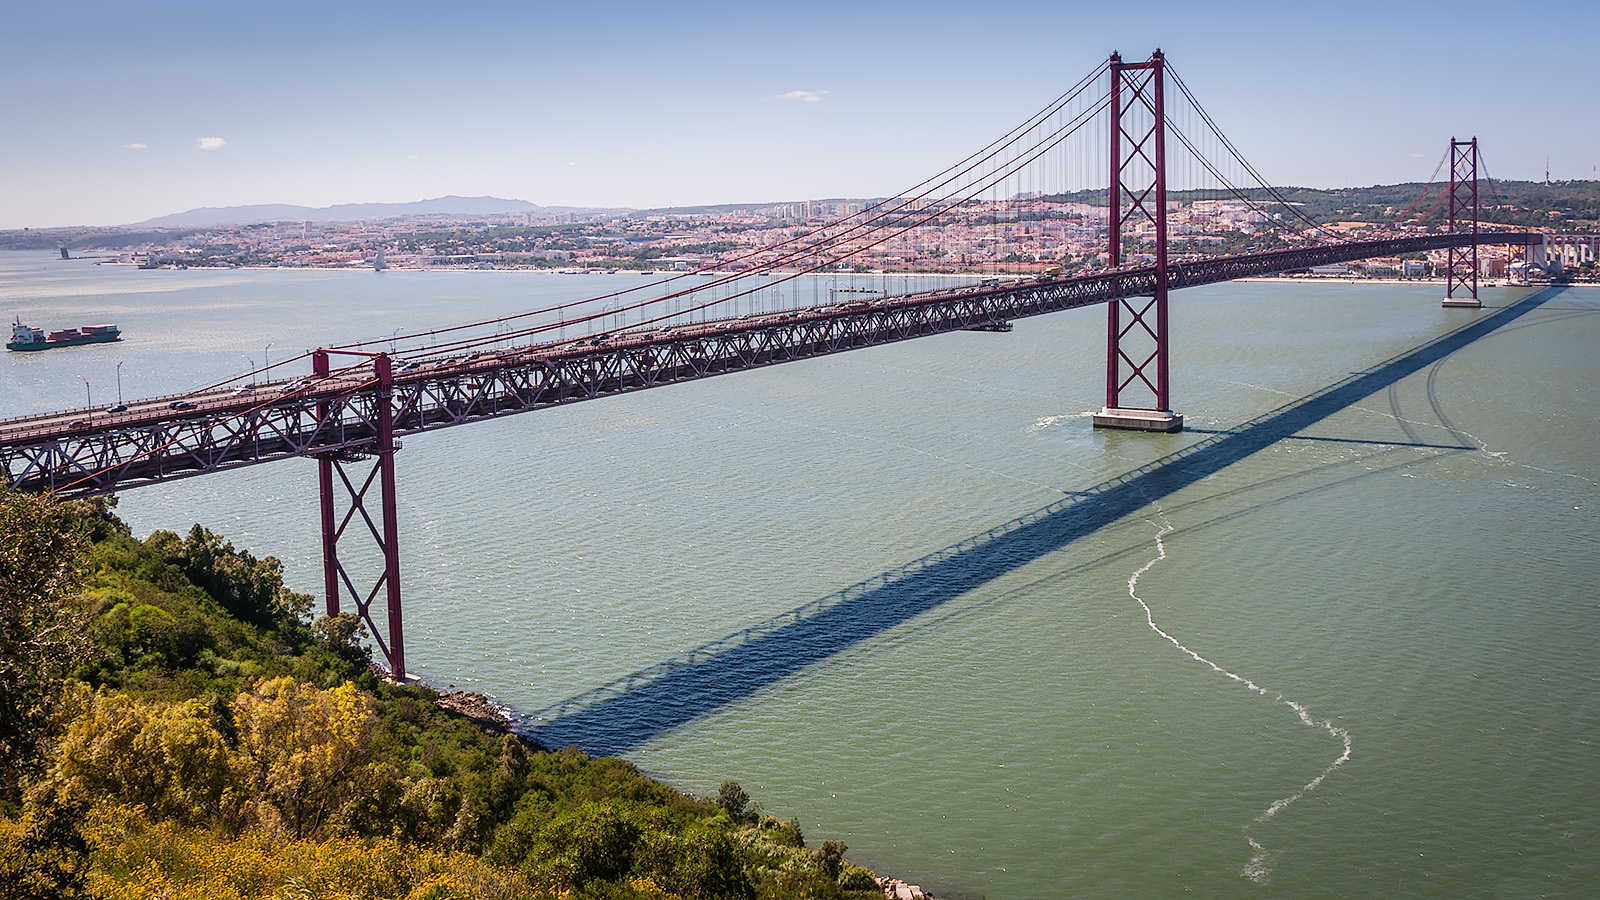 универсальная обувь с какого места фотографировать мост в лиссабоне могли только видеть